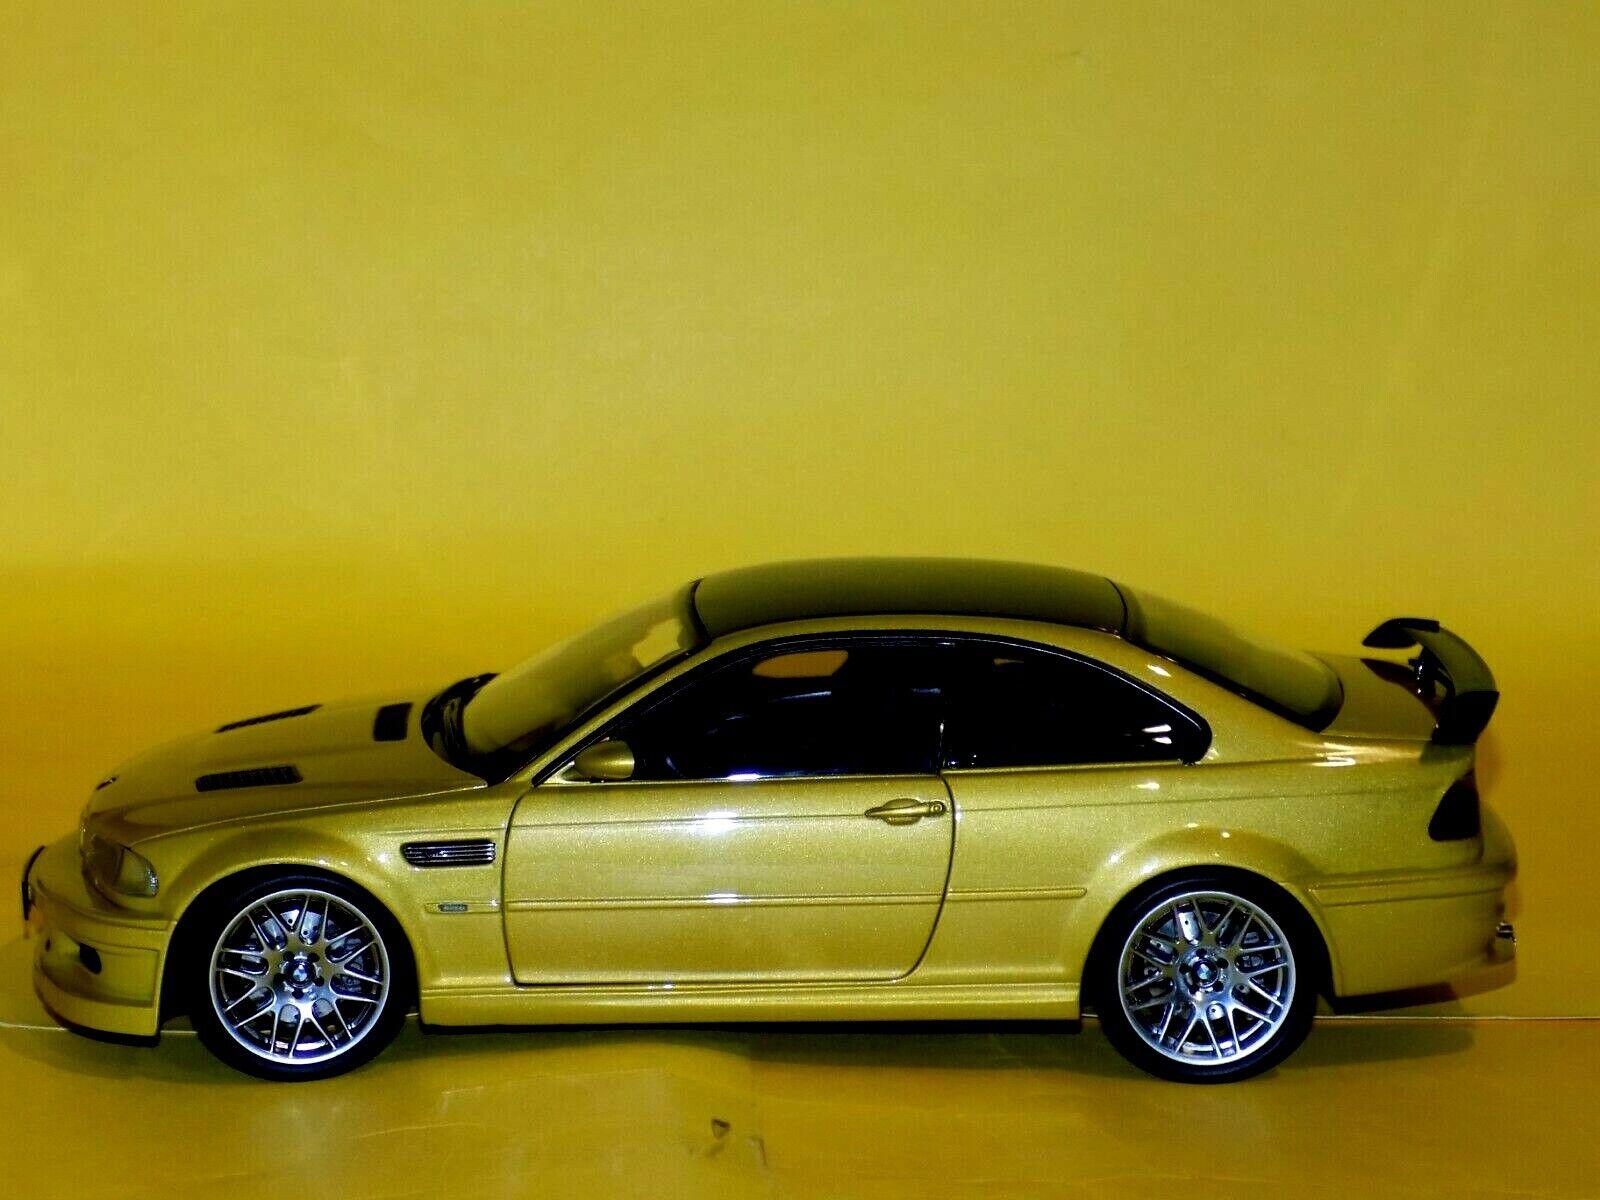 El nuevo outlet de marcas online. BMW 3 serie M3 GTR E46 E46 E46 Kyosho 08507Y 1 18  tienda de pescado para la venta